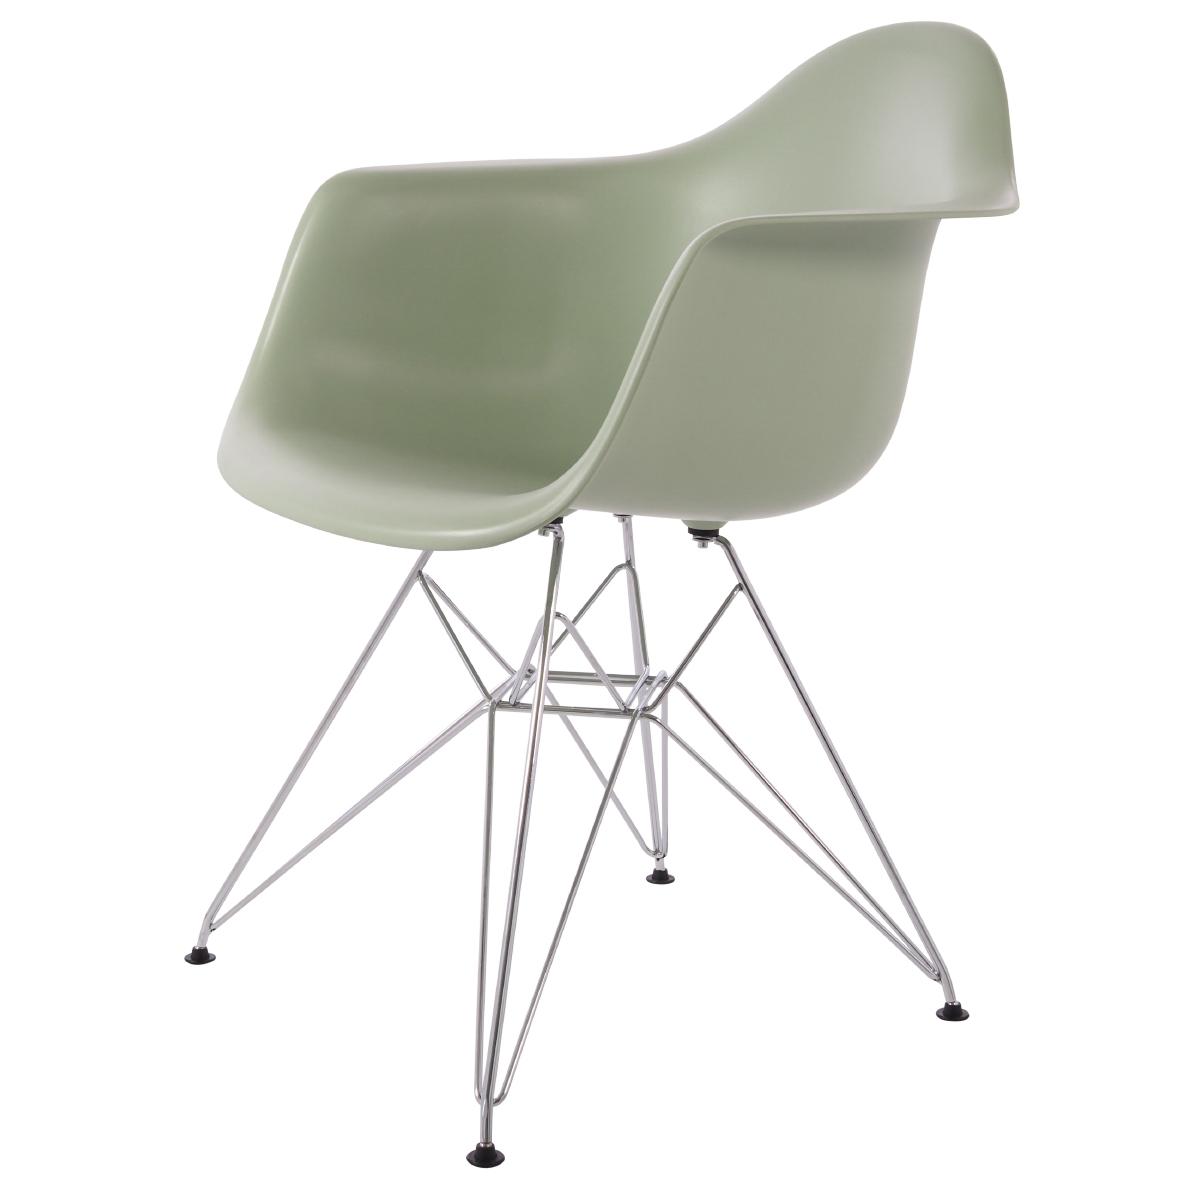 jadalnia krzesło DD DAR jedzenie PP mint